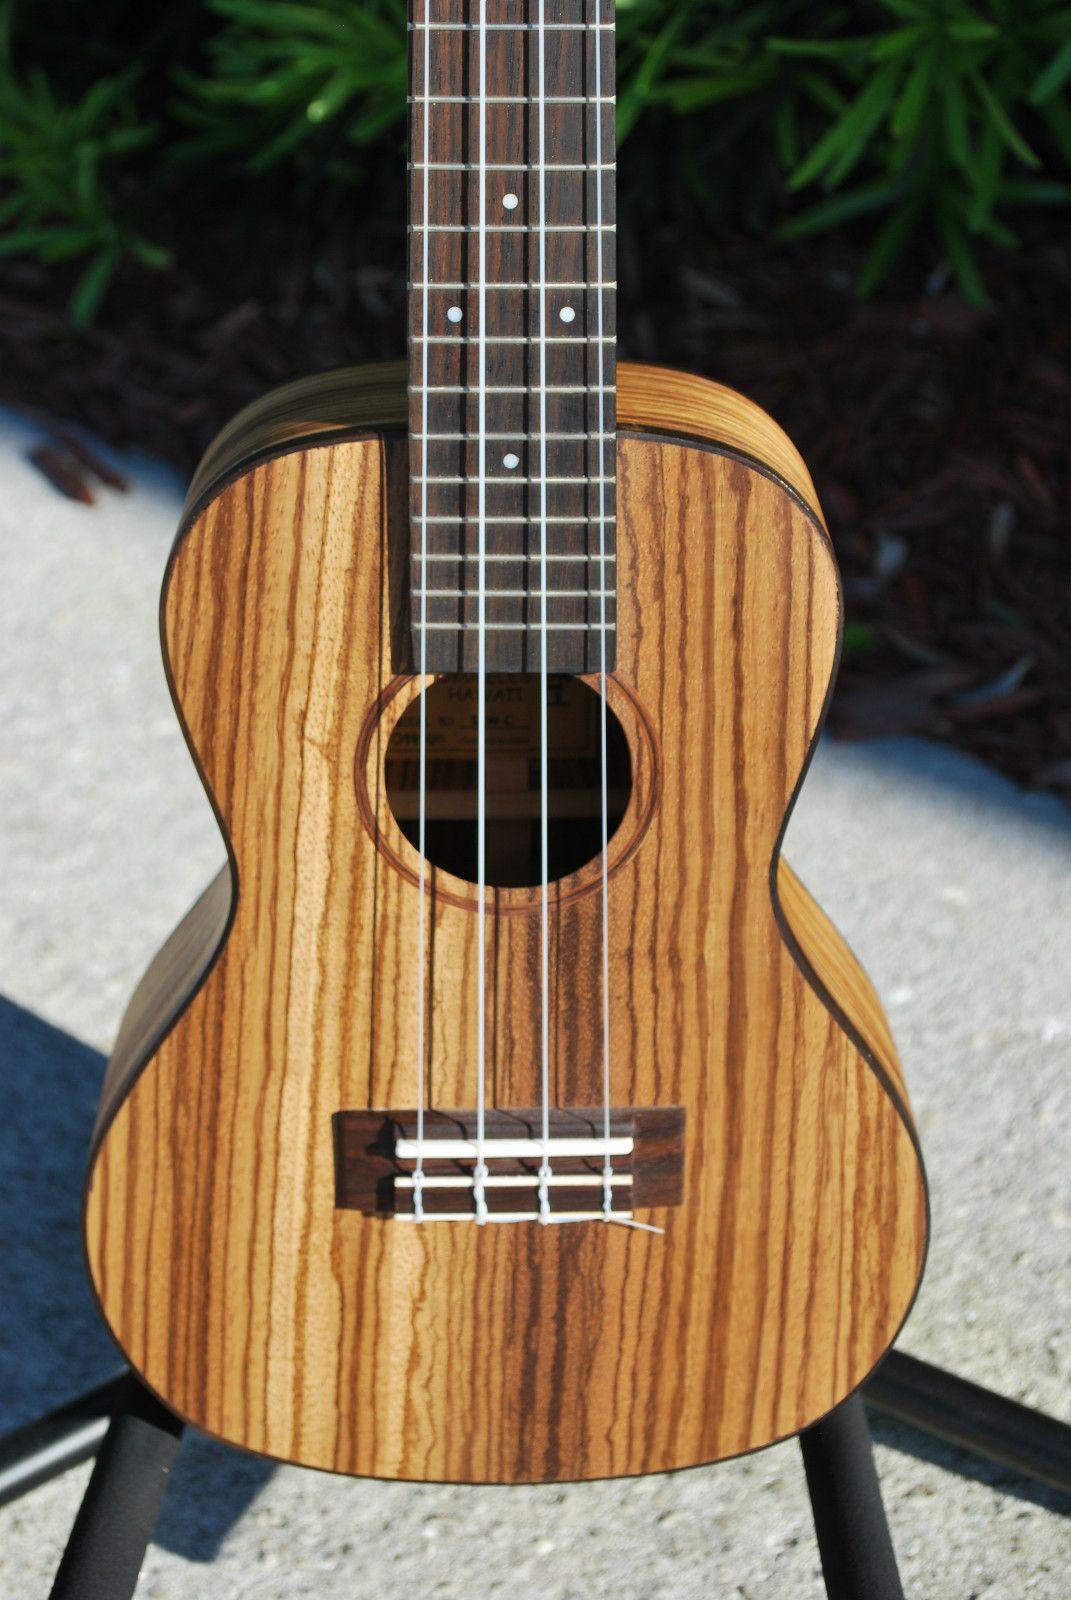 Lanikai Szw C Solid Zebrawood Concert Ukulele New 1106 Ebay